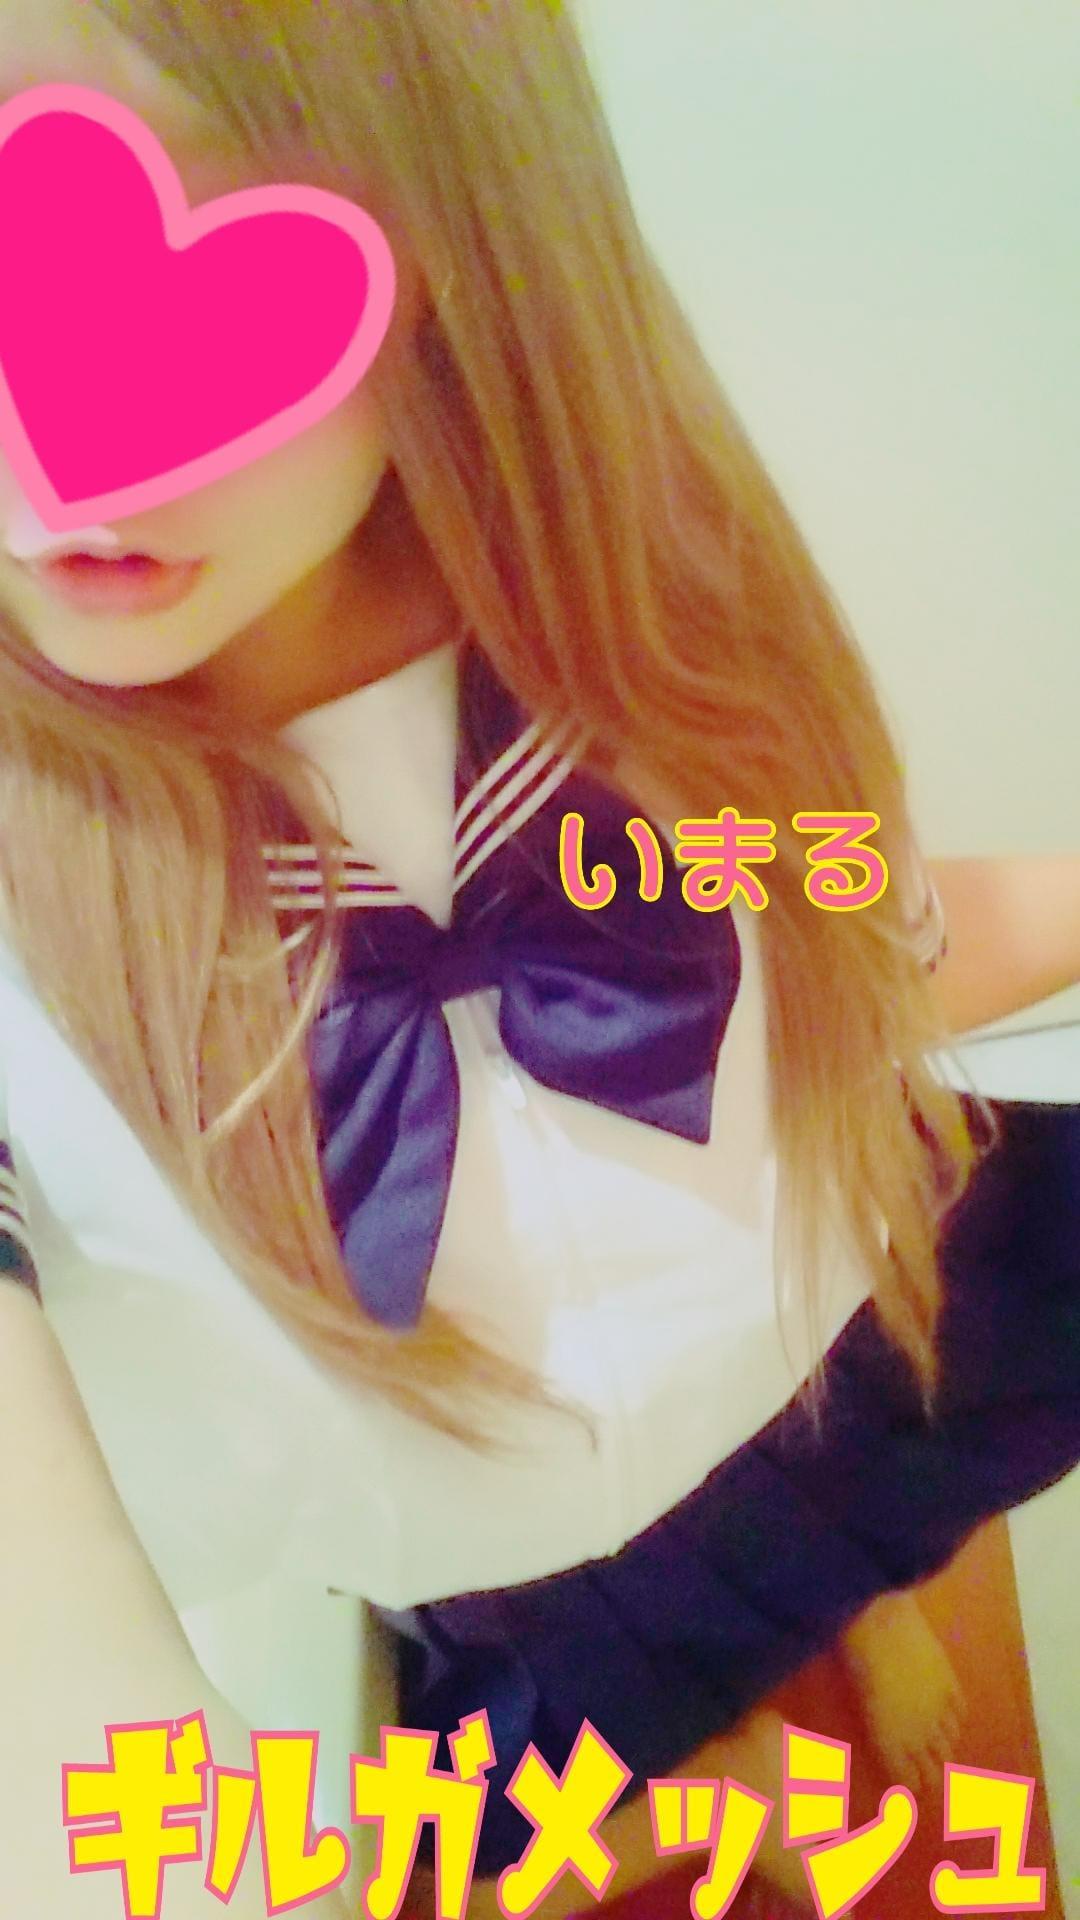 「過激なおじかん?」03/21(木) 20:40 | ☆いまる☆の写メ・風俗動画